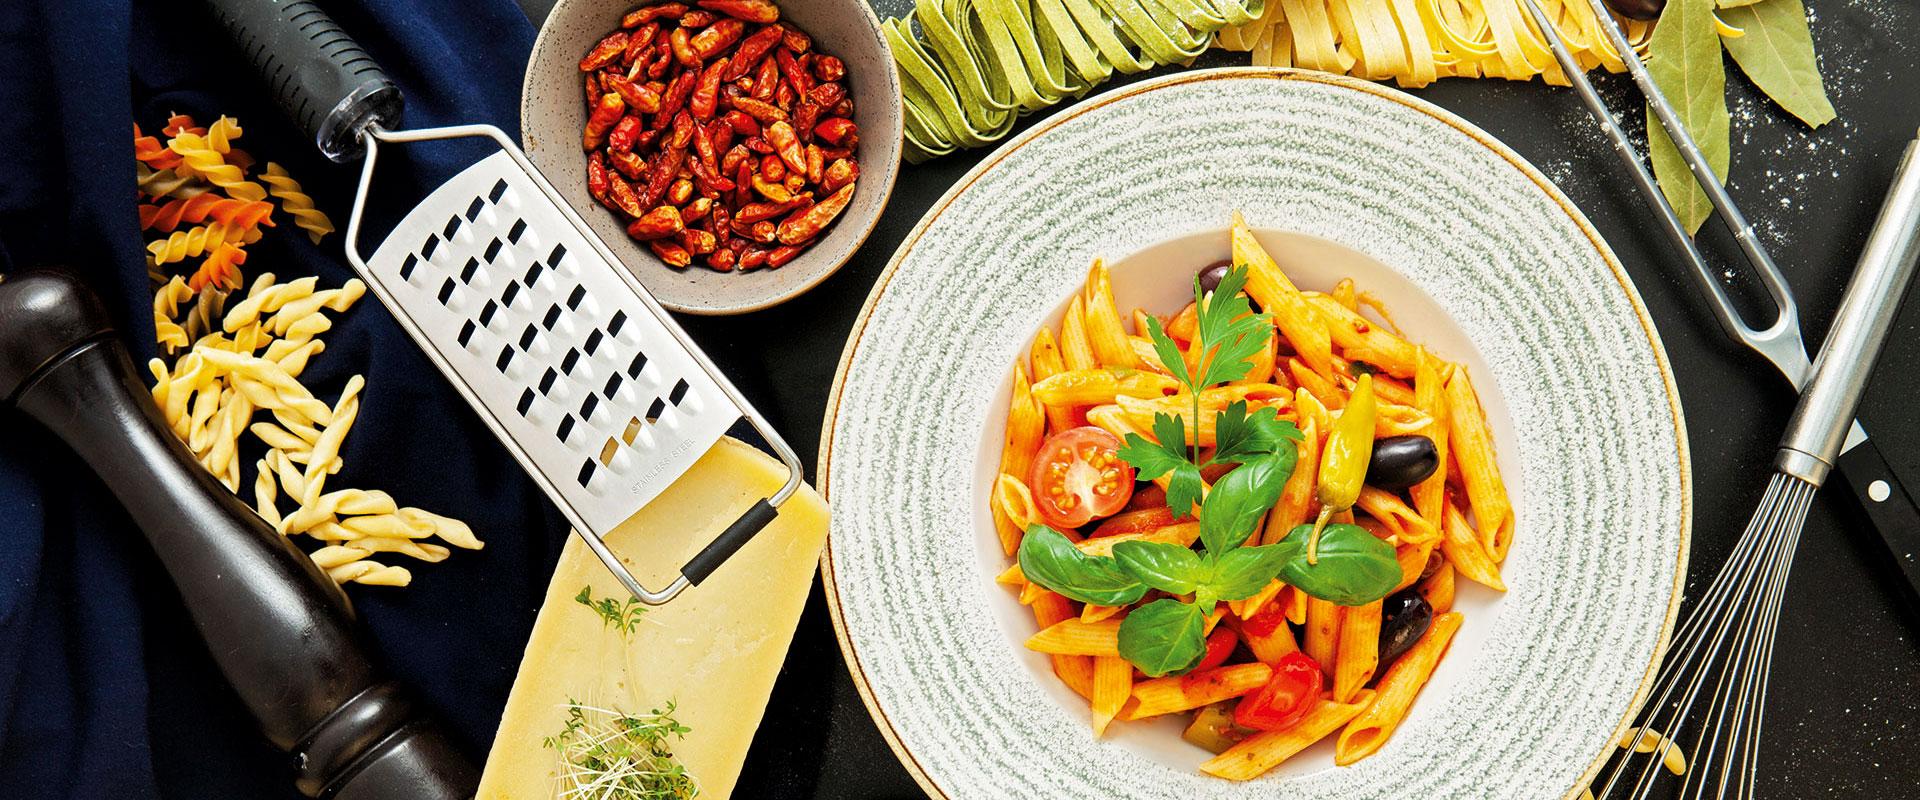 Teller mit Pasta Arrabiata scharfer Sauce